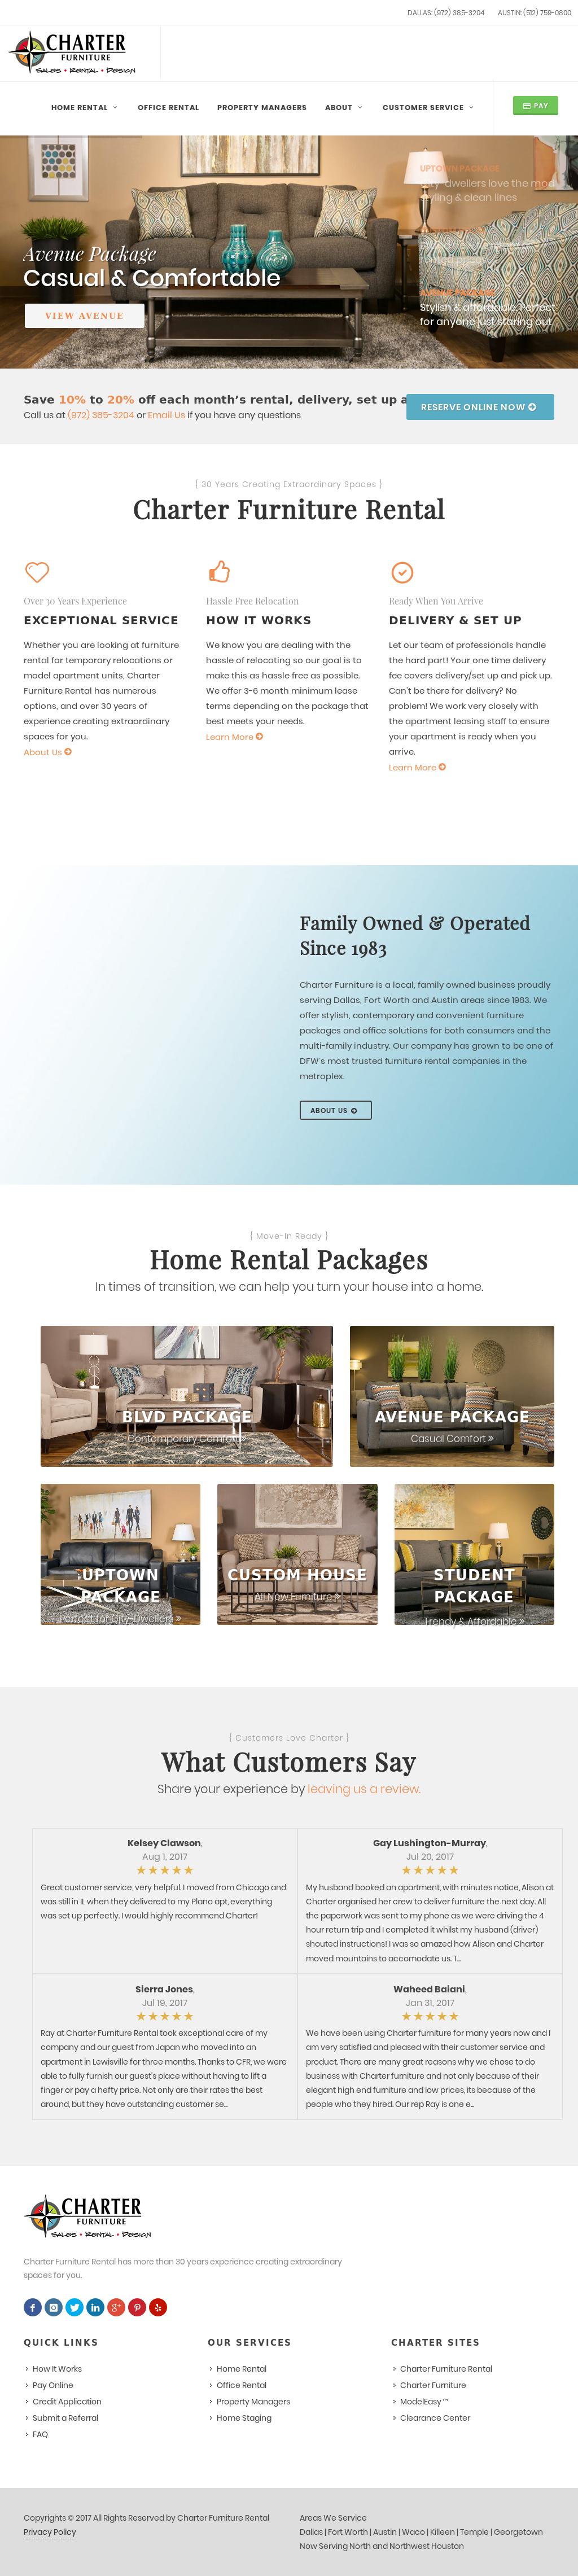 Charter Furniture Rental Website History